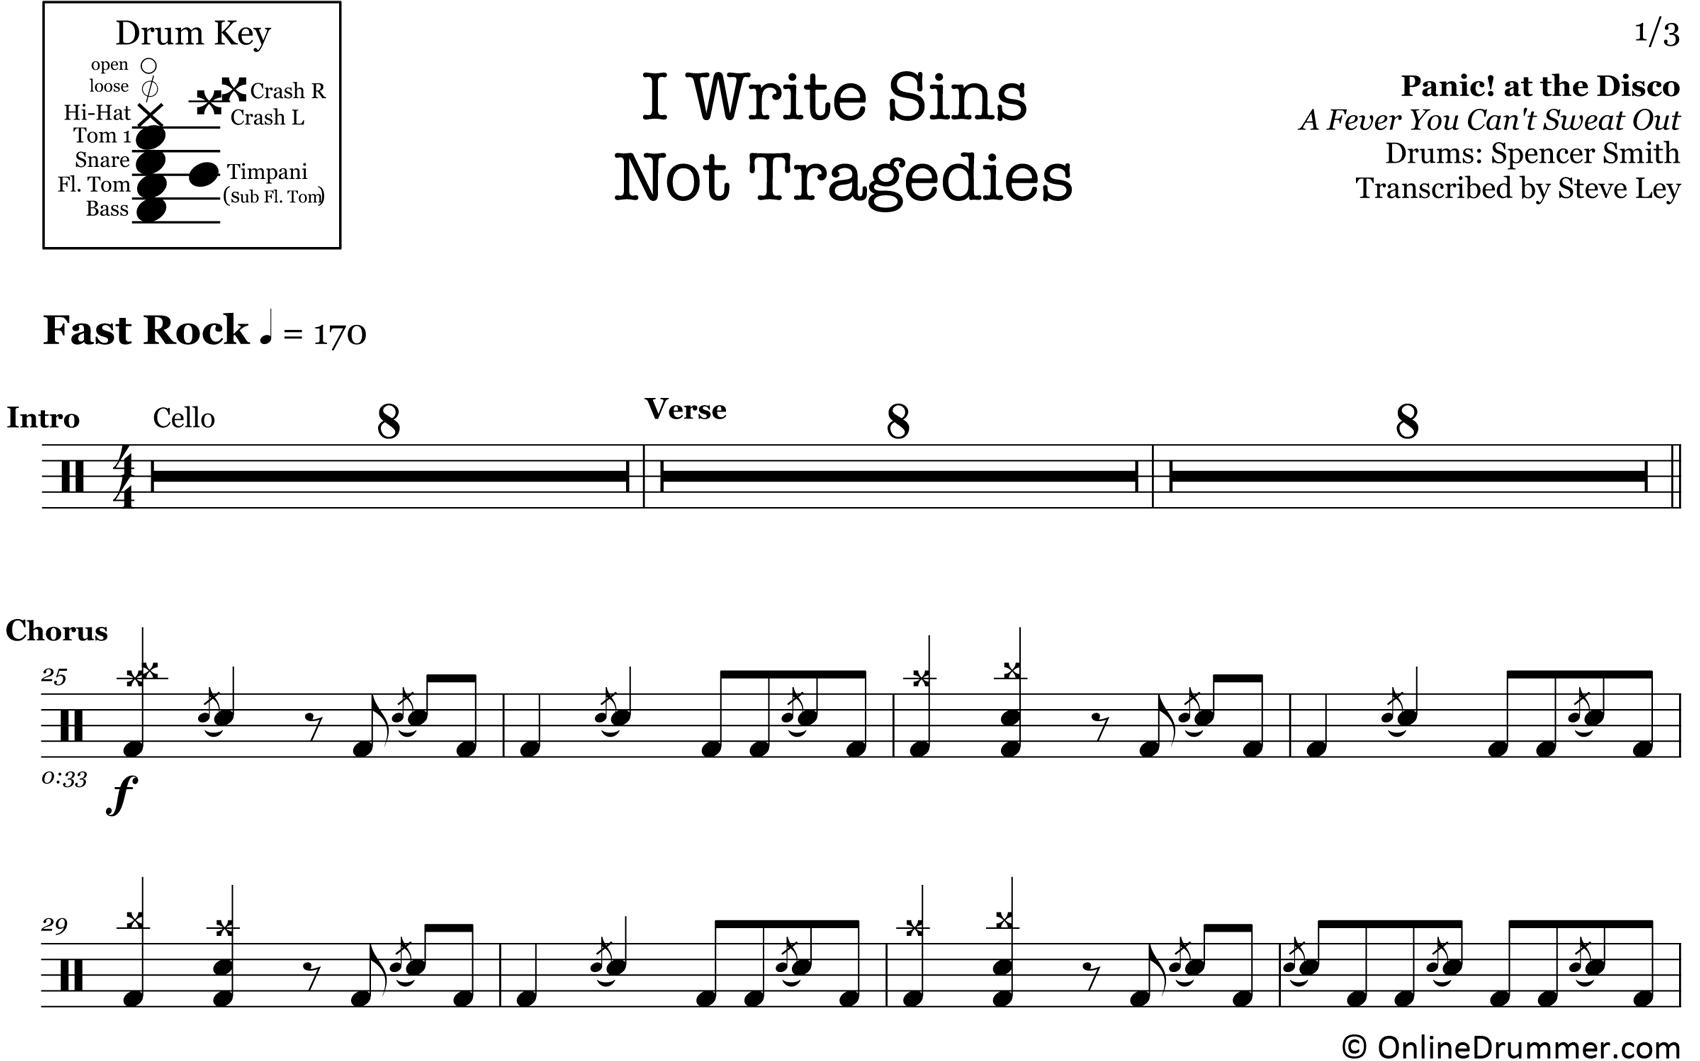 I Write Sins Not Tragedies - Panic! at the Disco - Drum Sheet Music